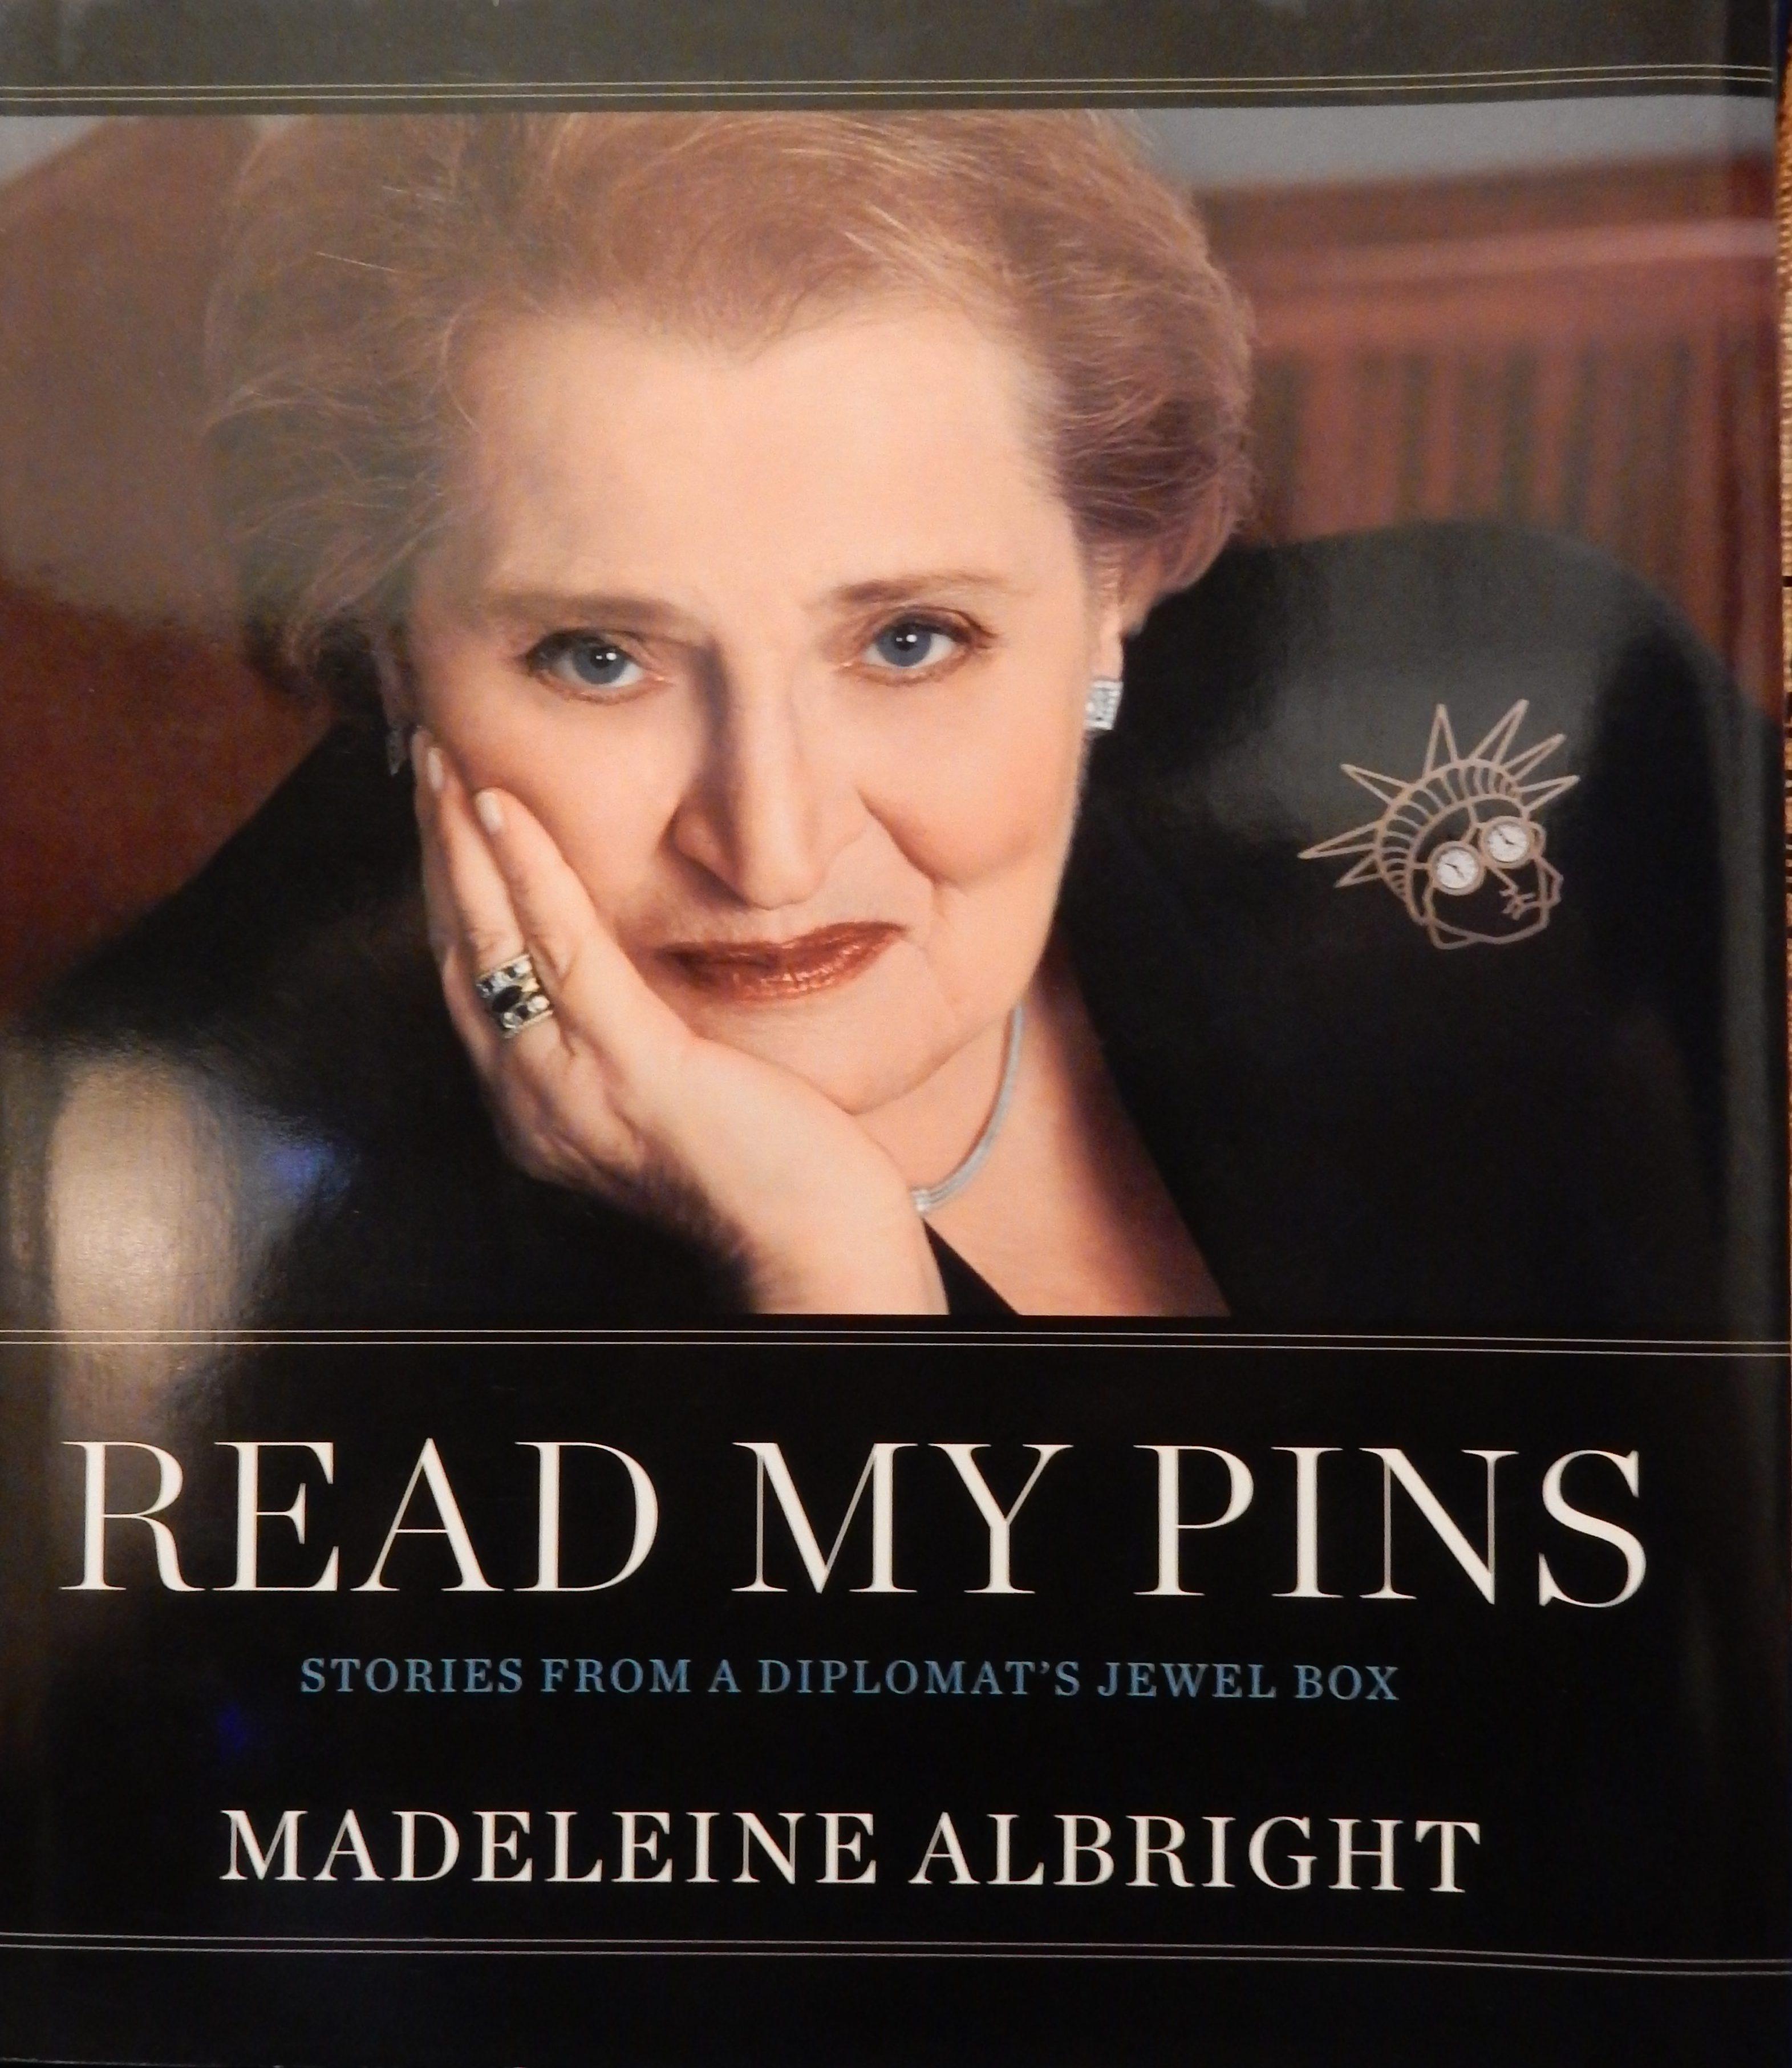 Read my pins; Madeleine Albright draagt Gijs Bakker op de cover van haar boek. Foto Esther Doornbusch, CC BY 4.0